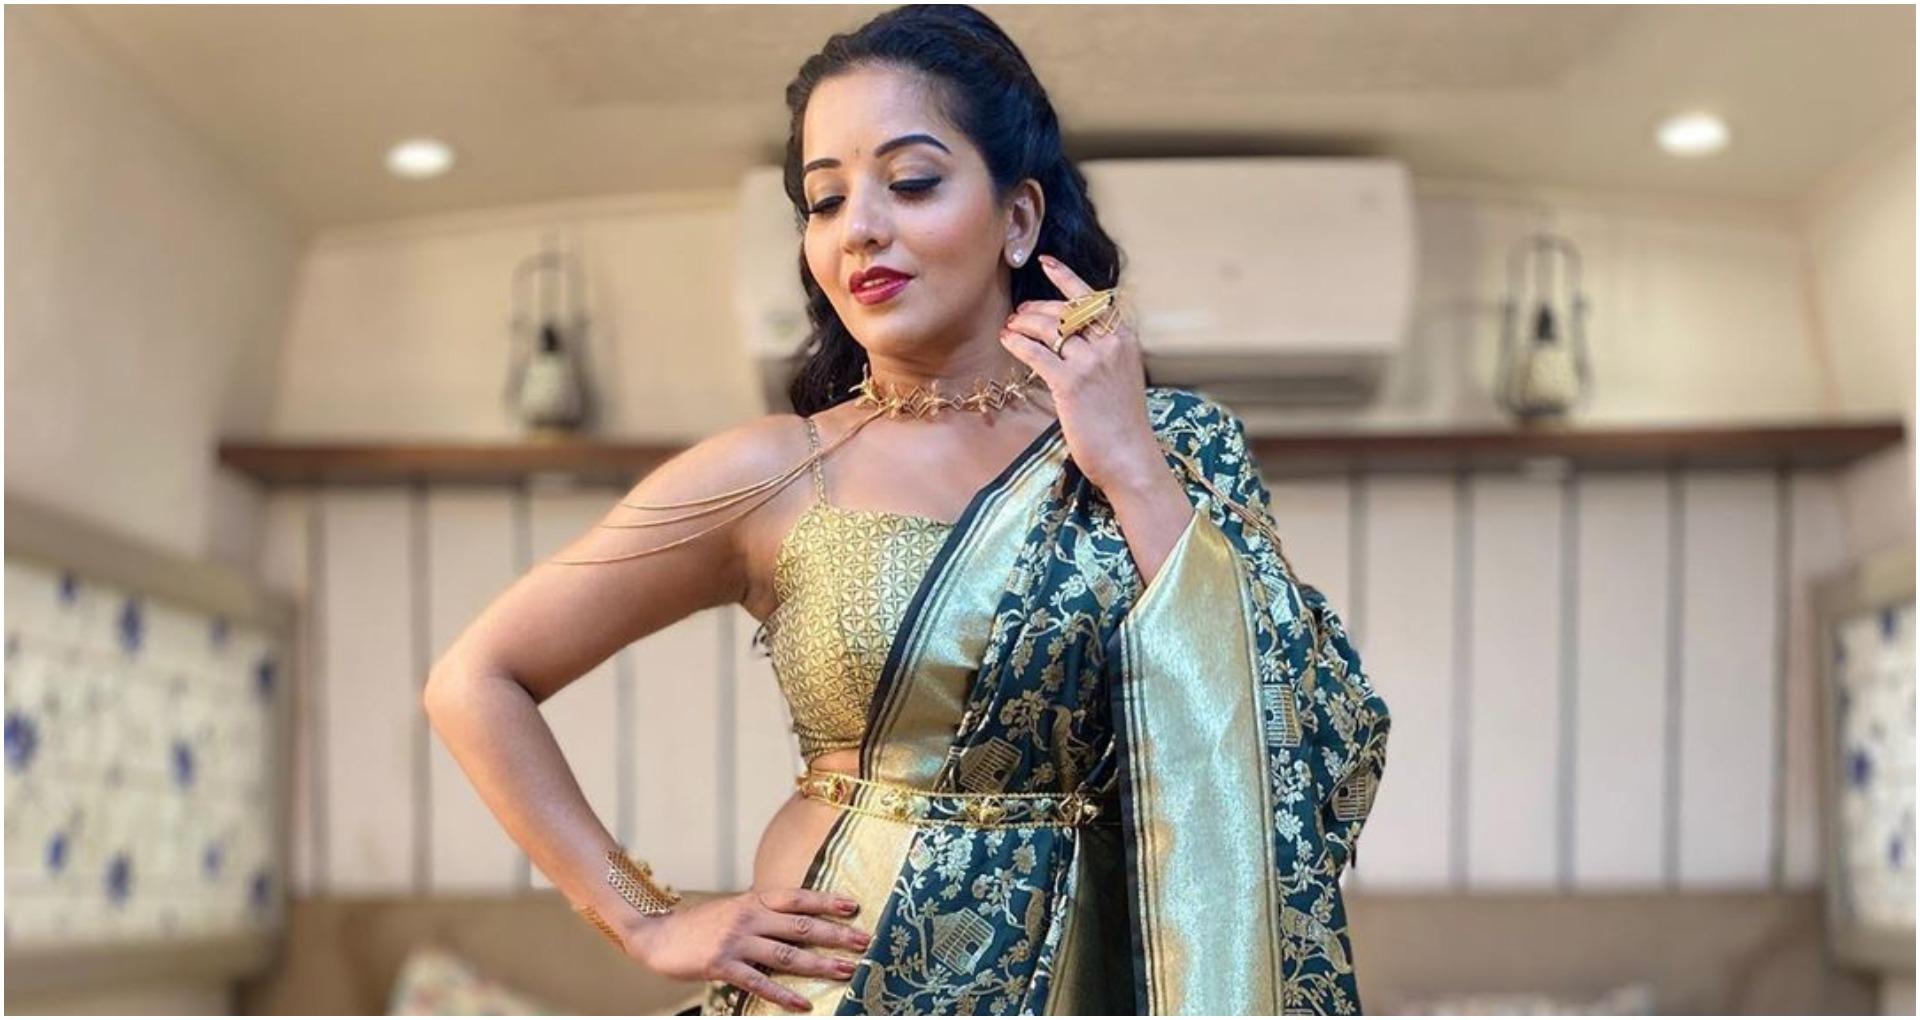 भोजपुरी अभिनेत्री मोनालिसा ने ब्लैक साड़ी पहन कर शेयर की तस्वीर, लोगों ने किया वायरल, देखें तस्वीर